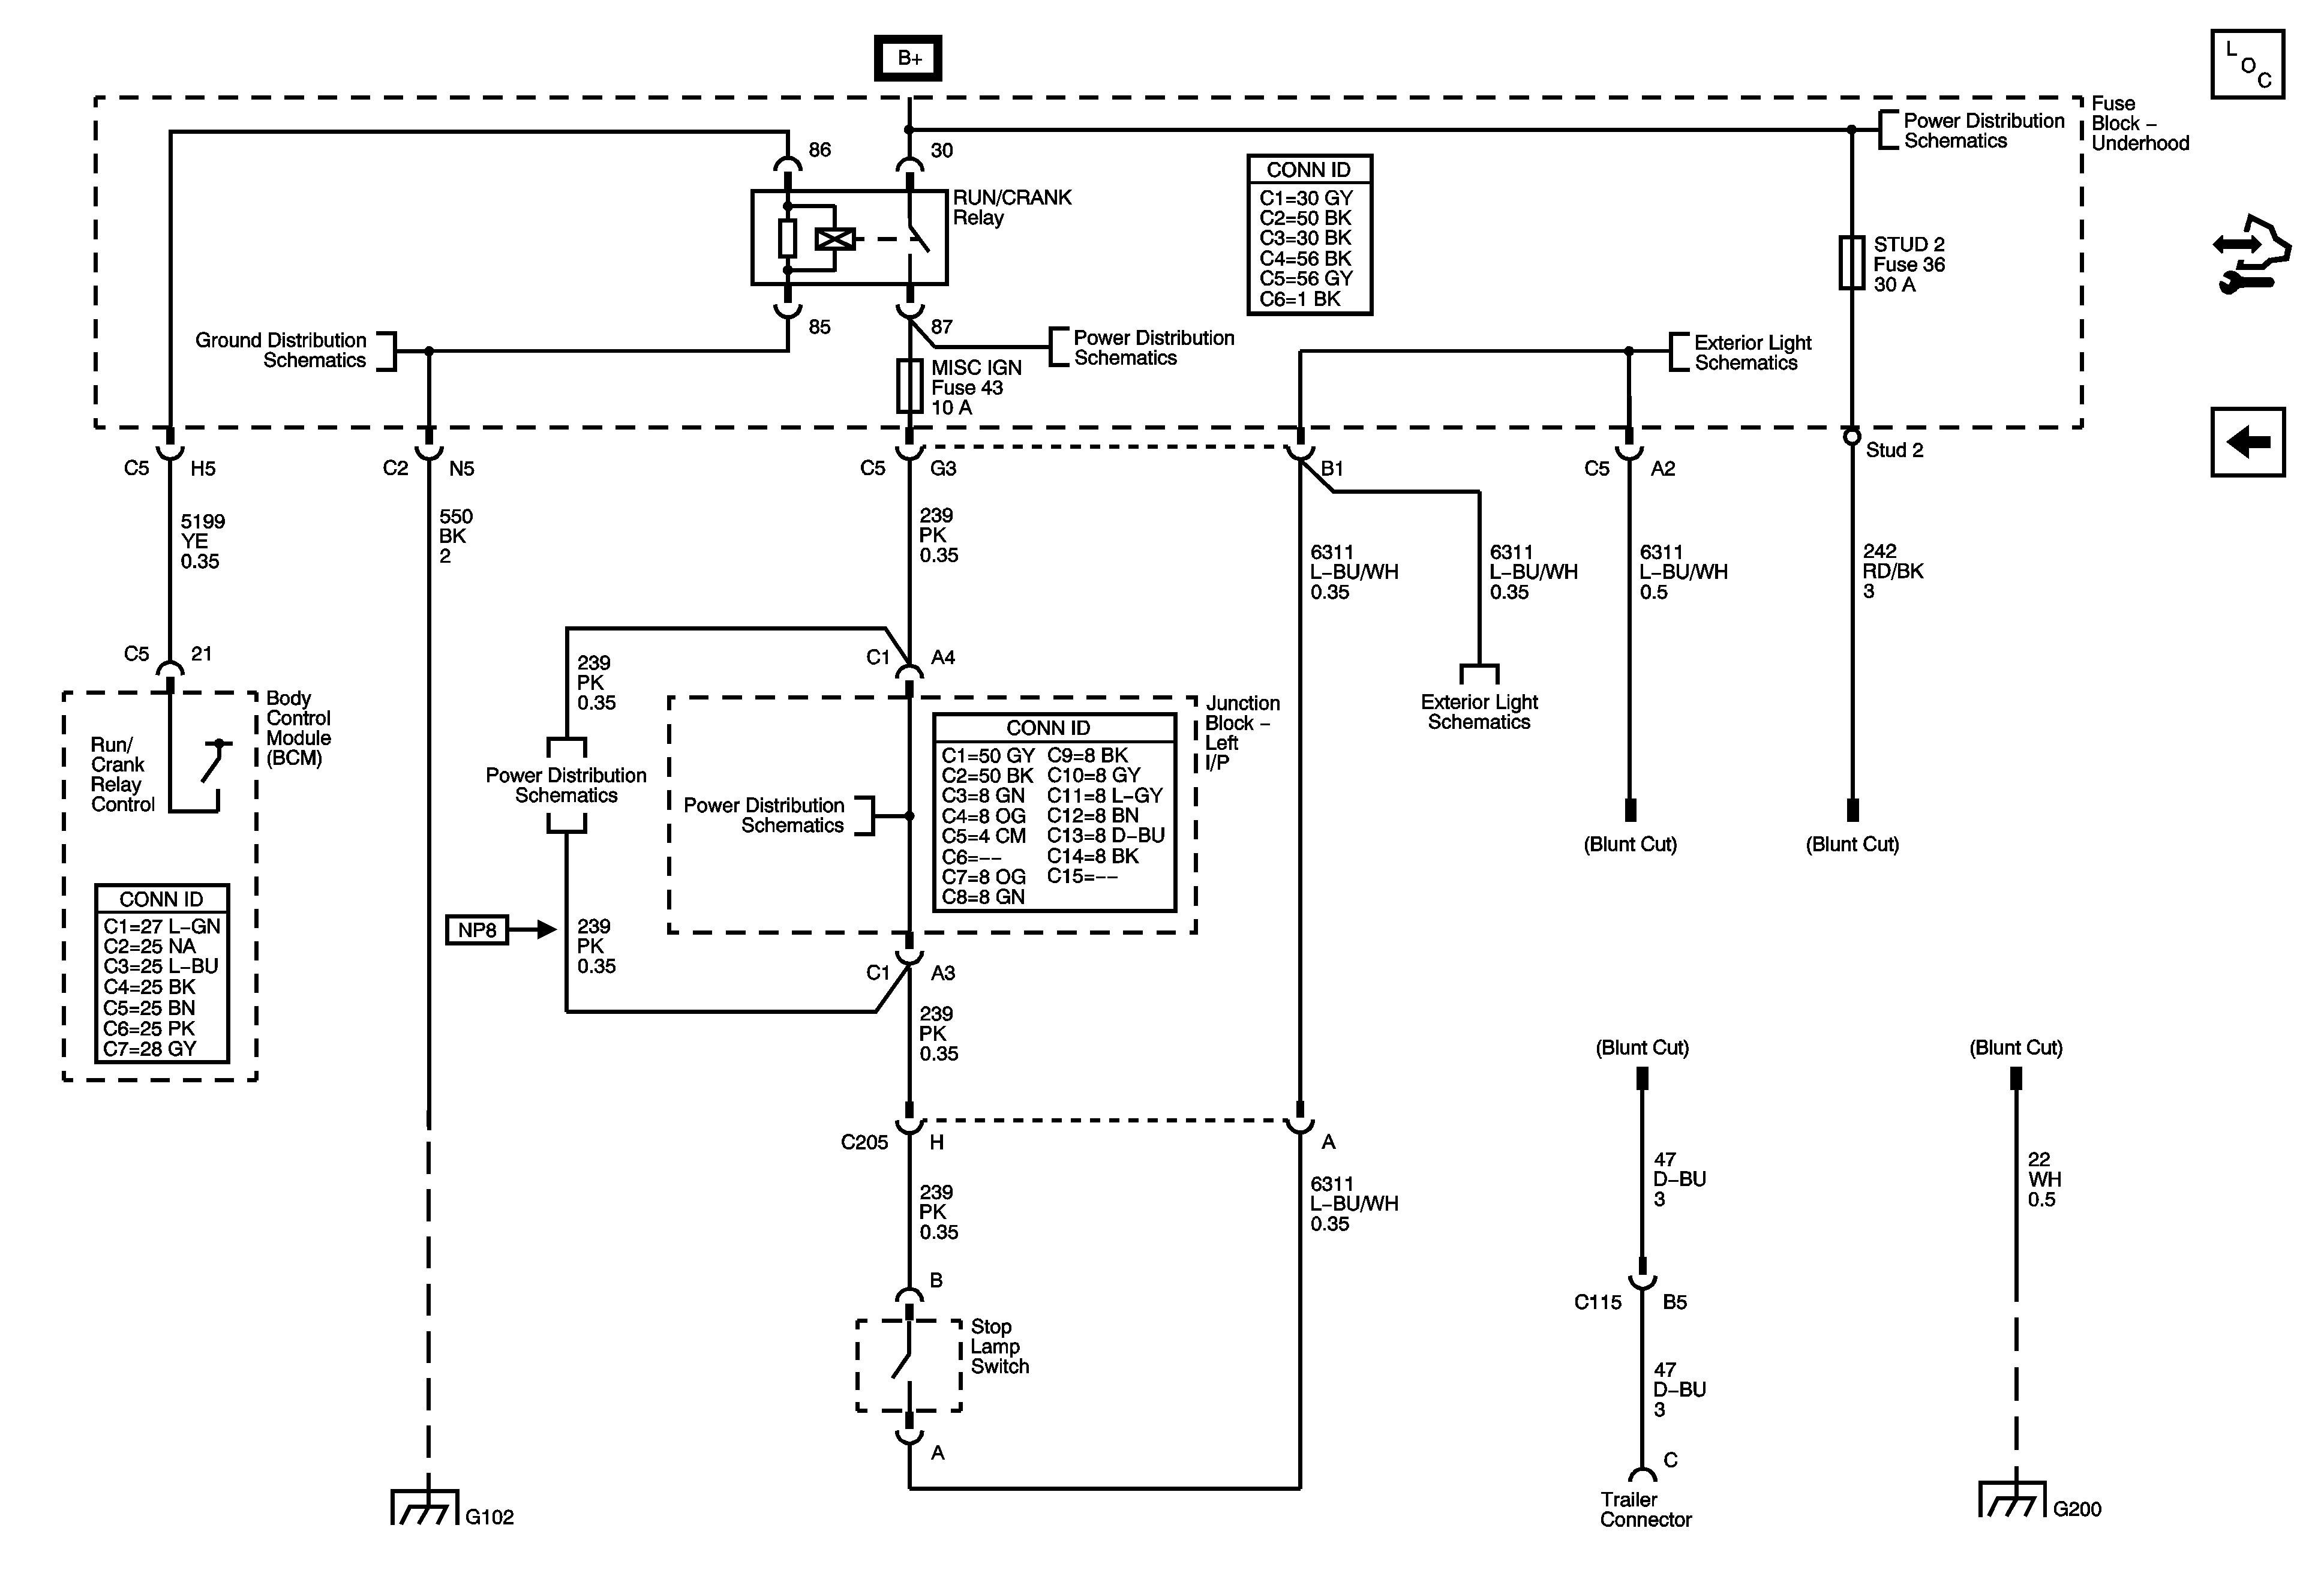 trailer axle wiring schematic best part of wiring diagramwiring diagram for tandem axle trailer best wiring librarywiring diagram for tandem axle trailer new trailer